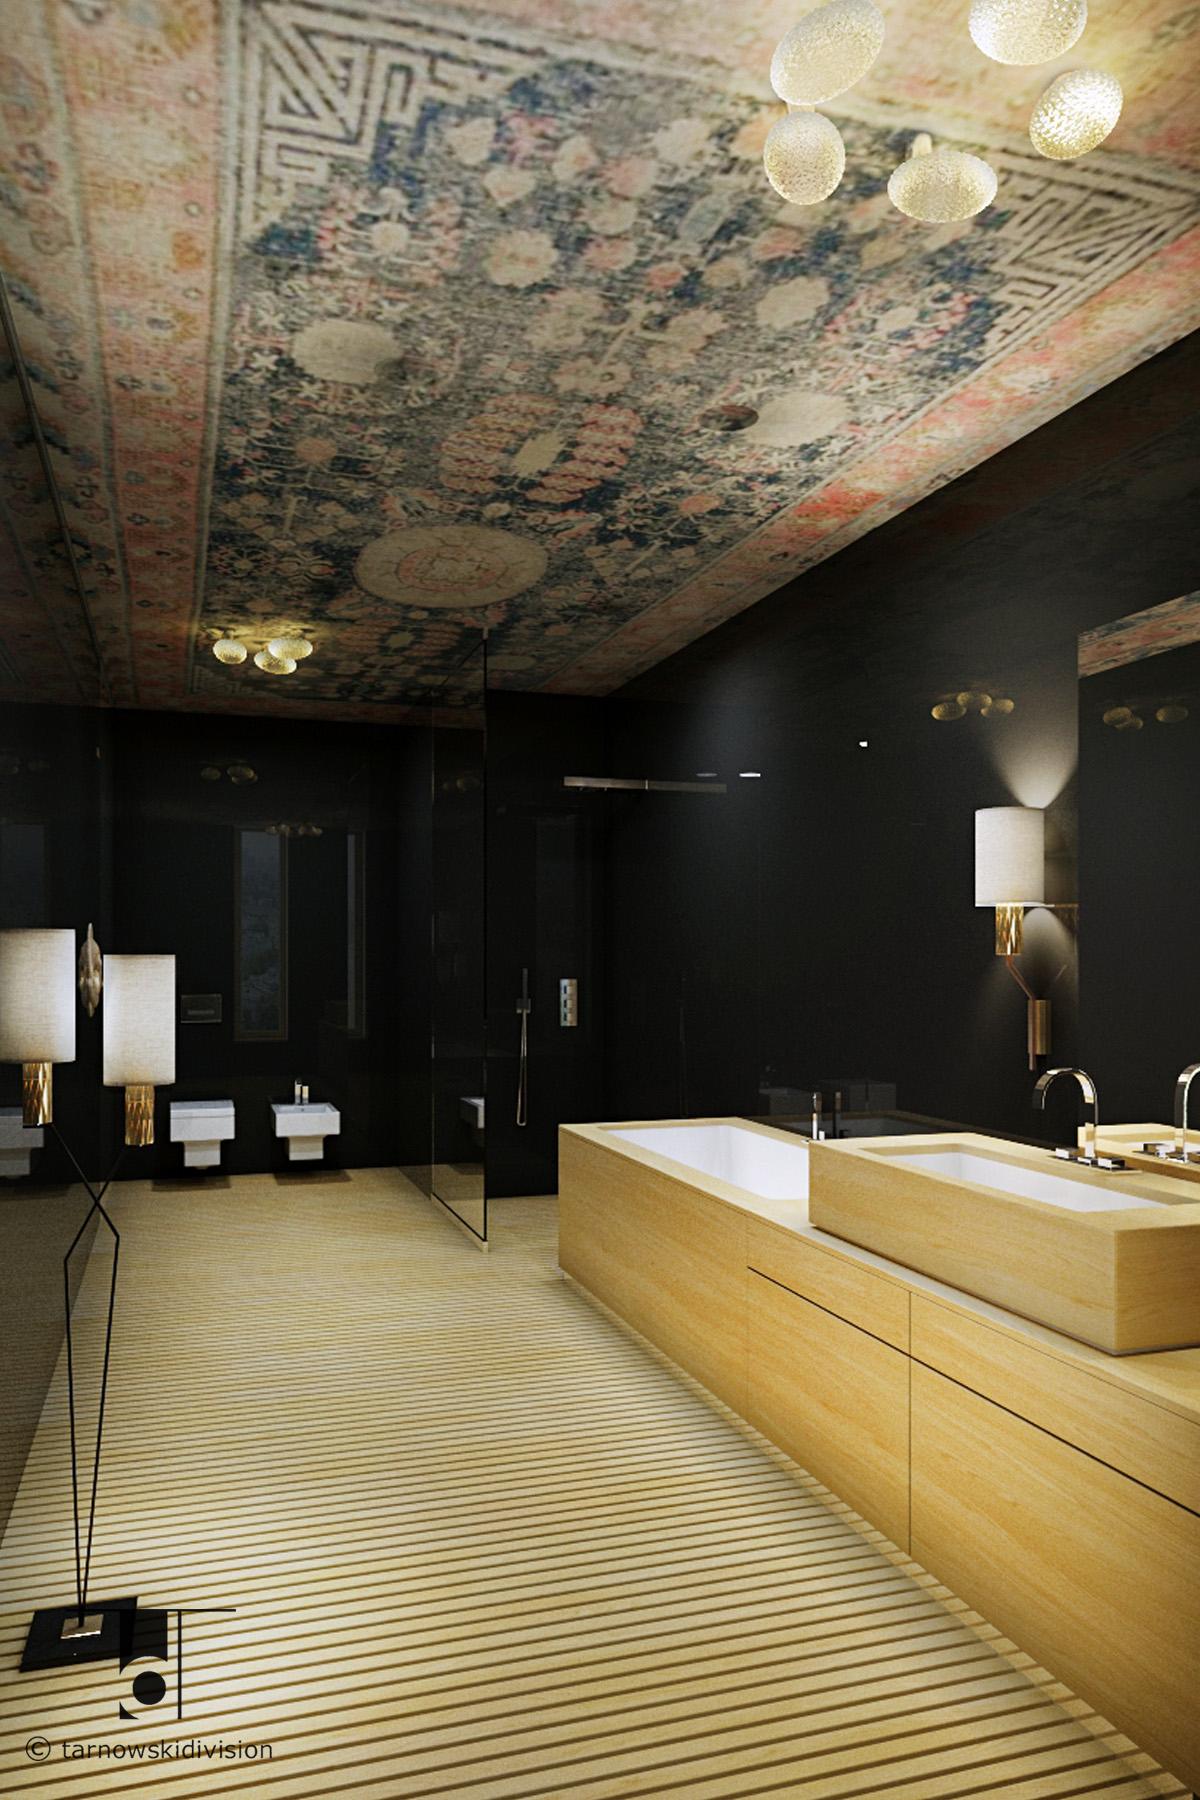 nowoczesna łazienka aranżacja wnętrz wystrój wnętrz łazienki modern luxury bathroom interior design_tarnowski division